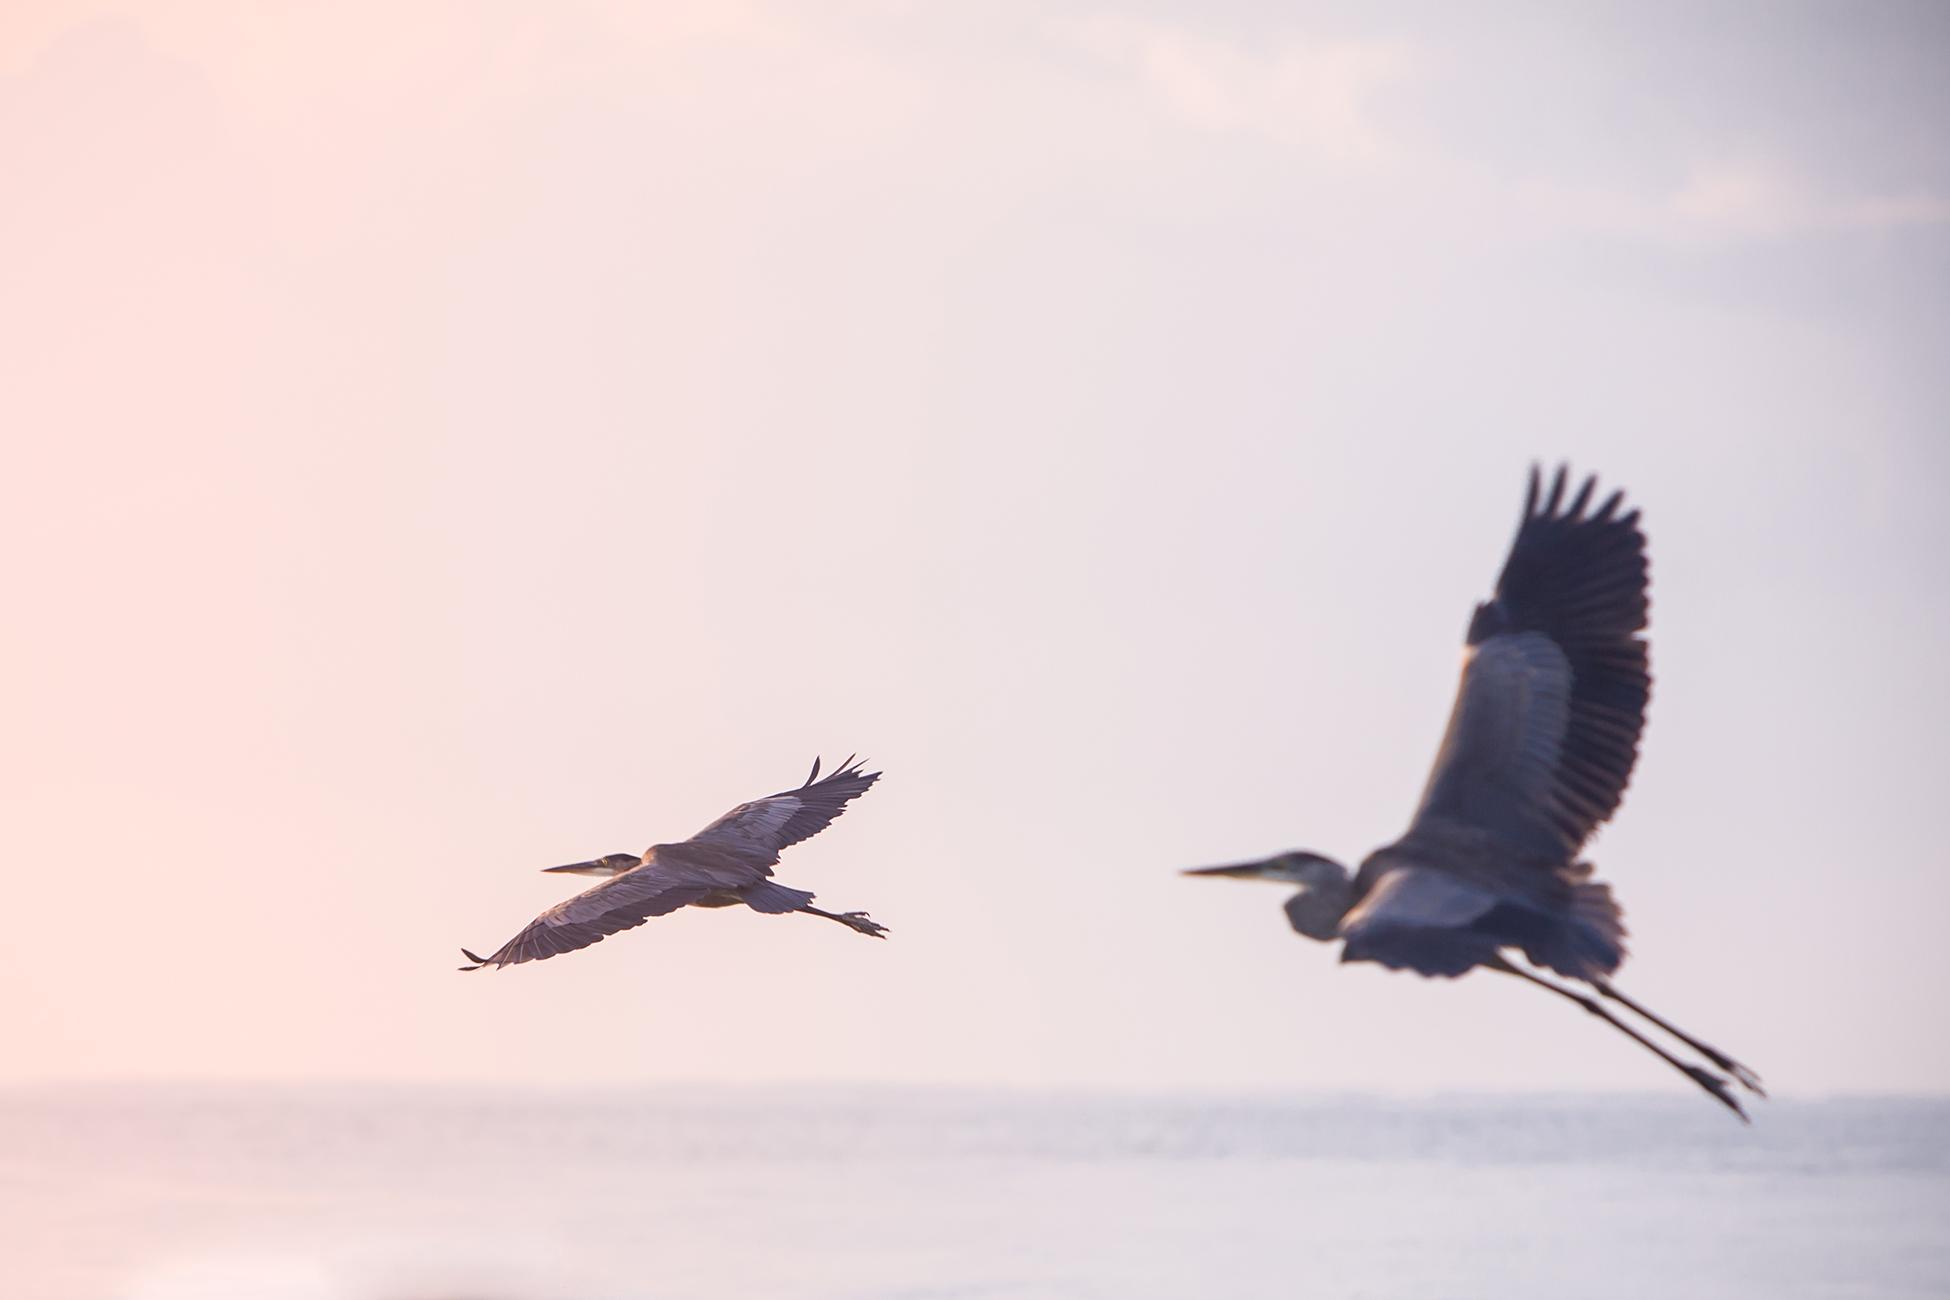 Heron's in flight.